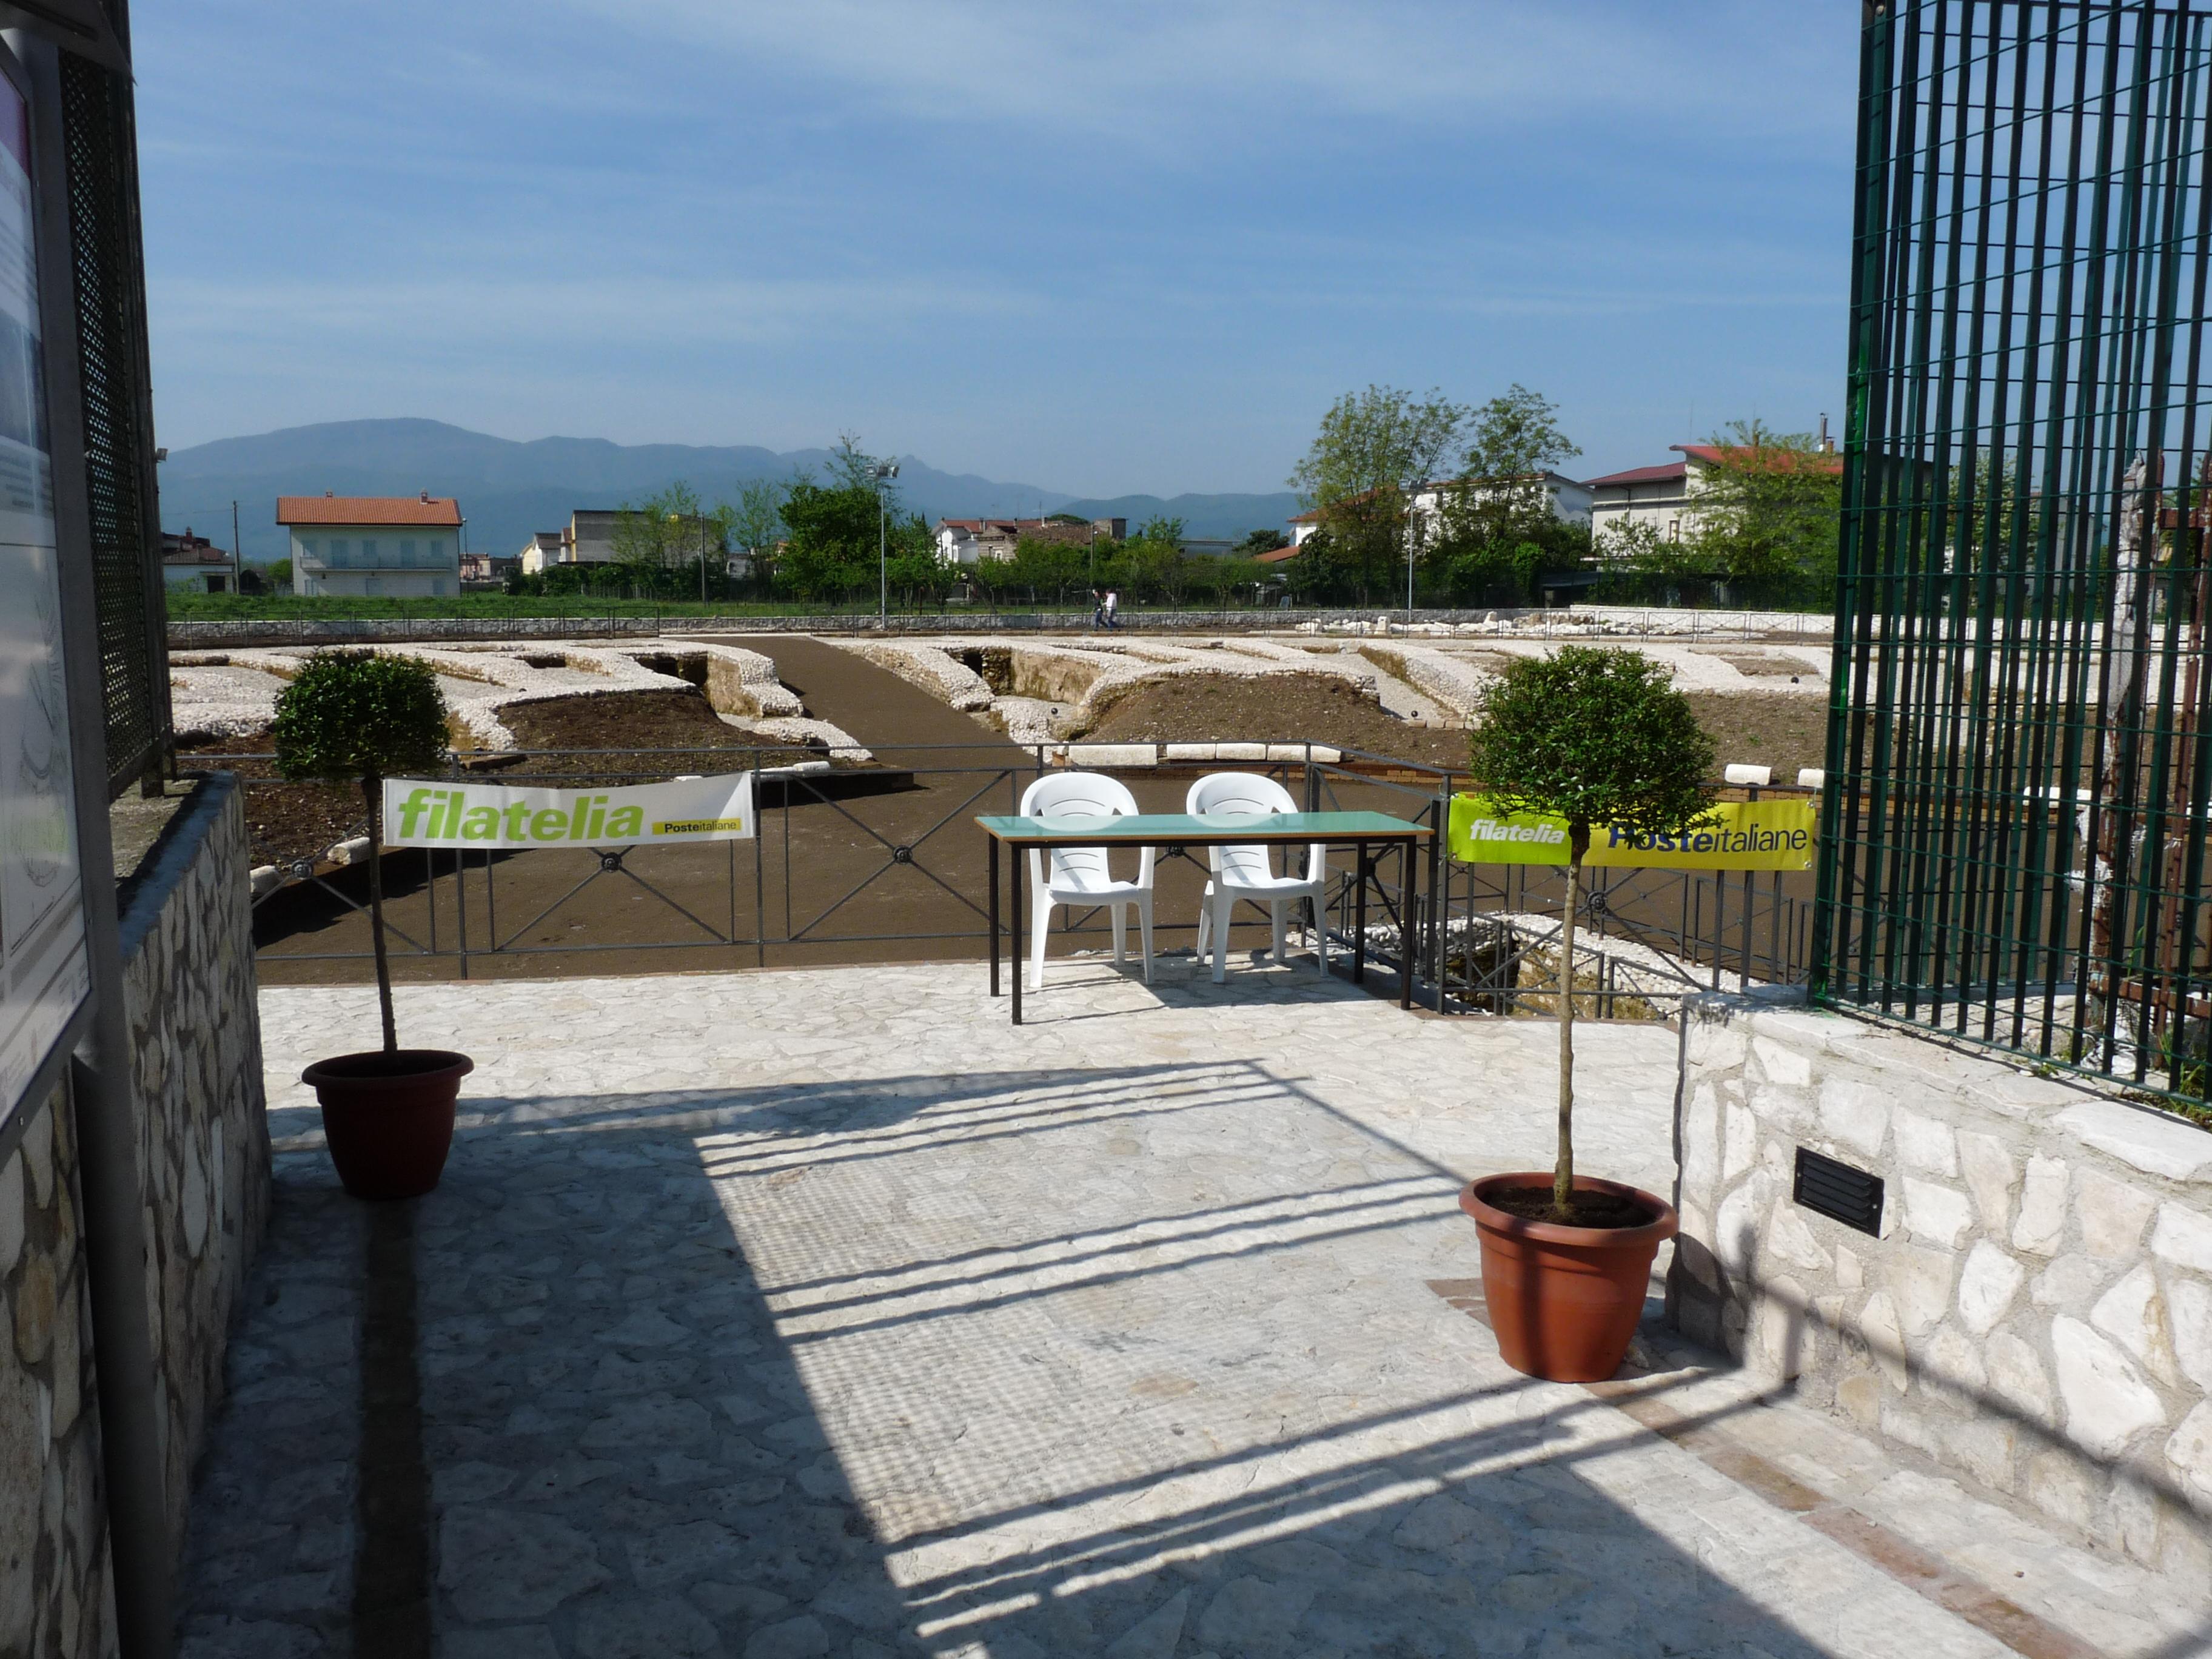 Anfiteatro romano - 09.04.25 (7).JPG